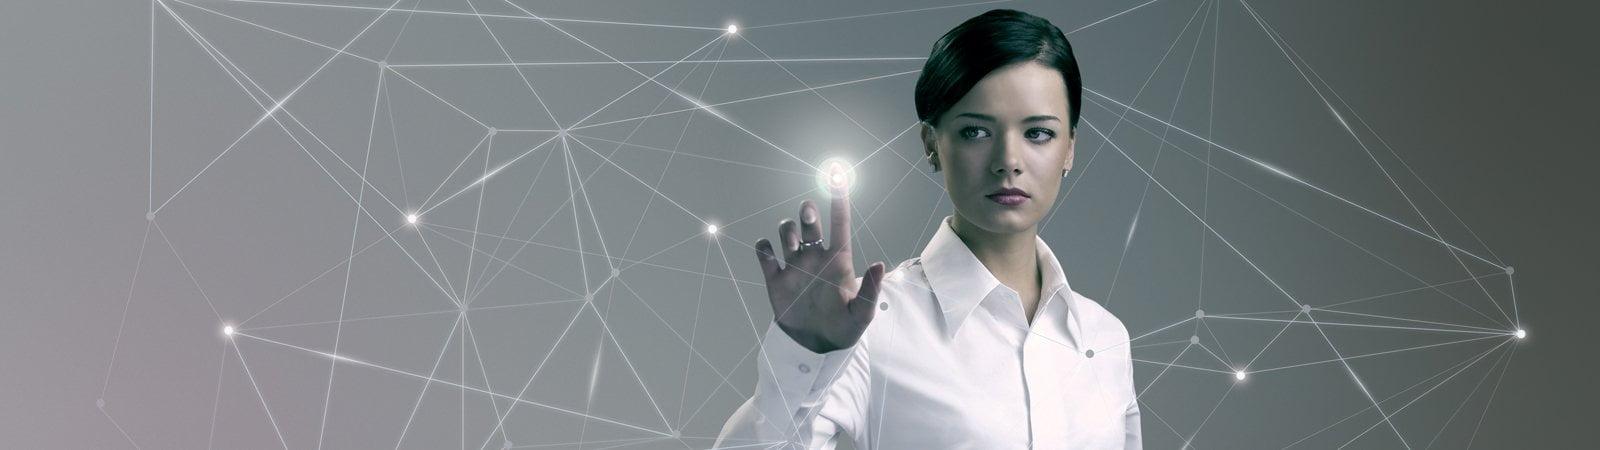 De Viske ICT netwerkbeheer